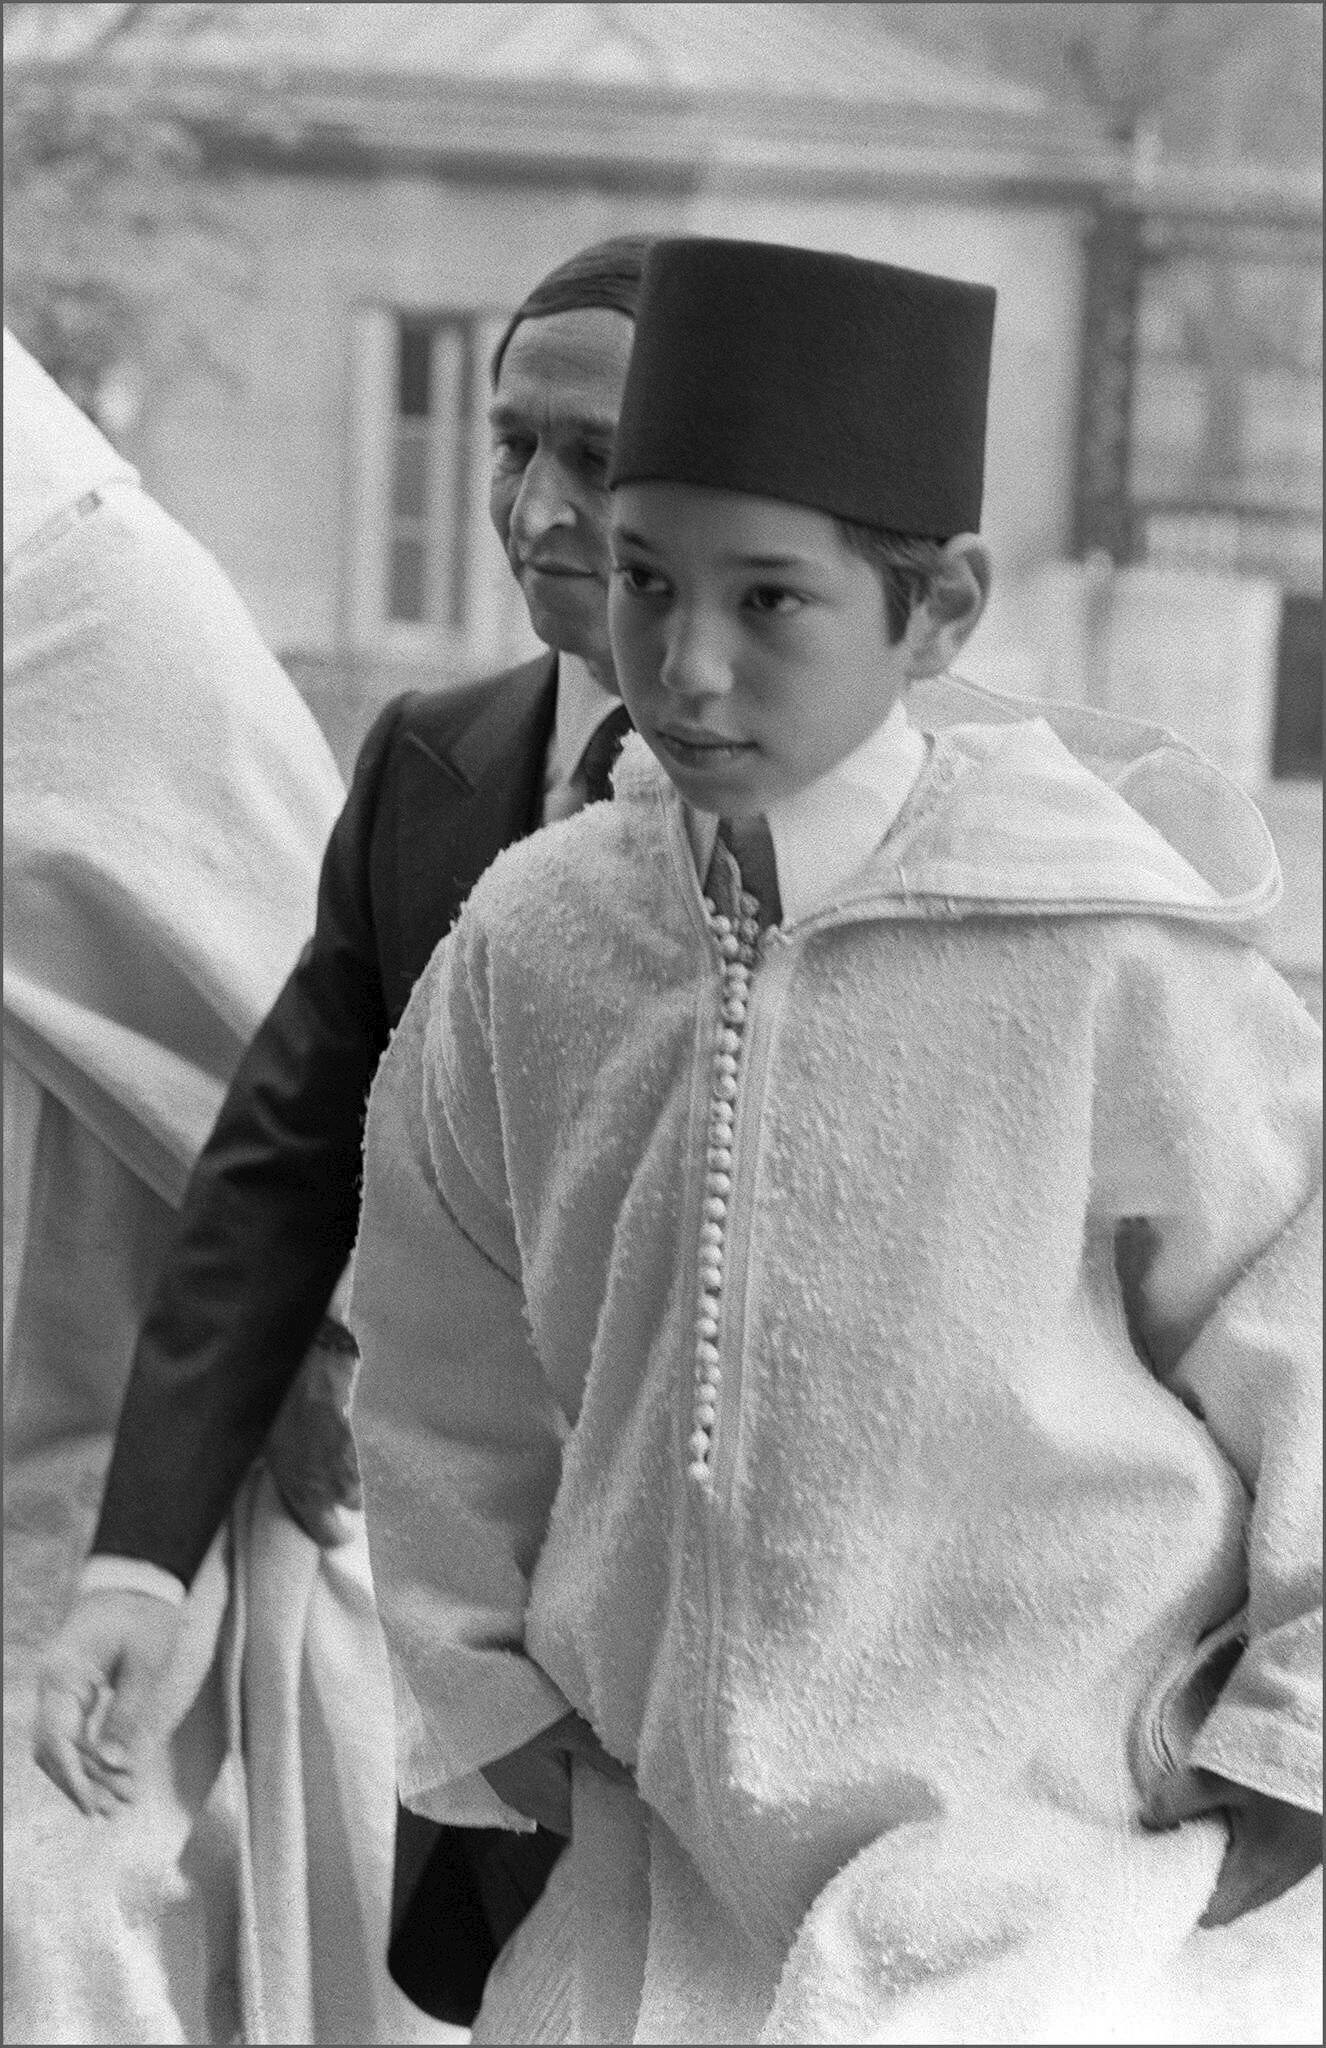 Nacido en 1963, de niño ya asistía a importantes eventos internacionales. En la imagen, en los funerales en París del presidente francés Georges Pompidou.